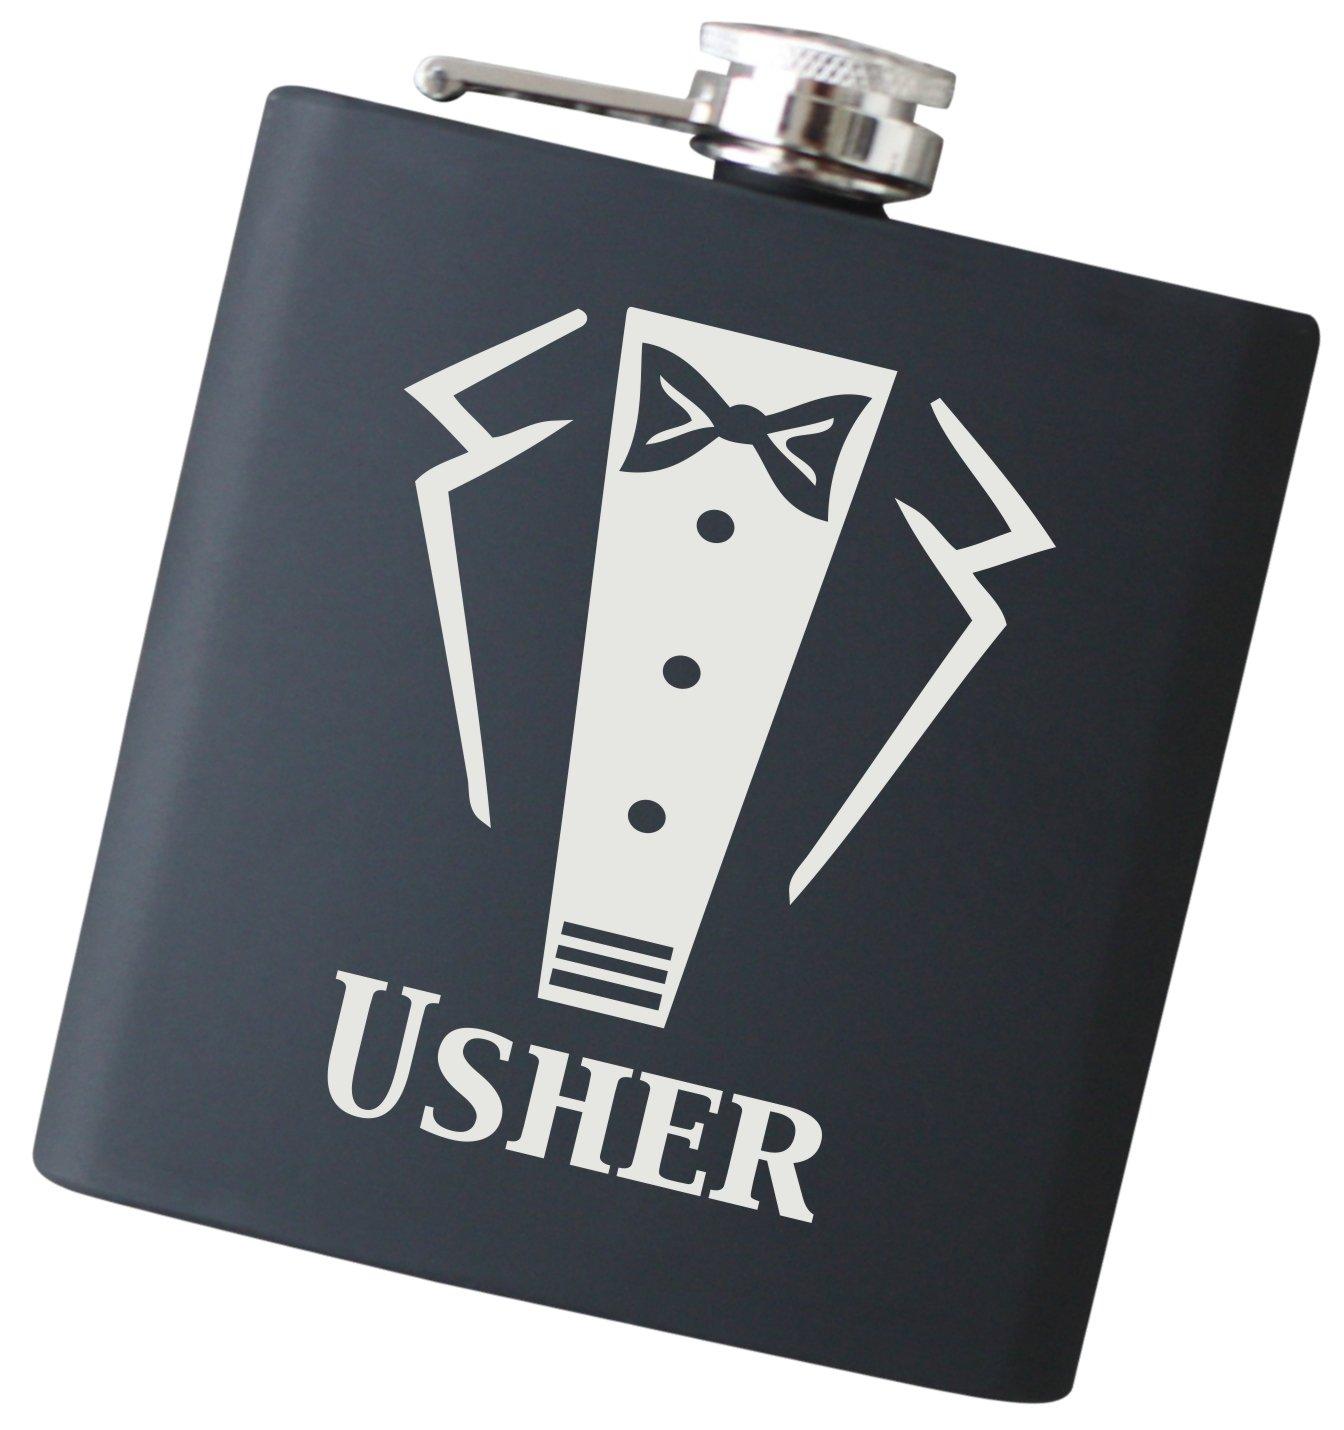 【有名人芸能人】 Engravedウェディングパーティータキシード6オンスフラスコ – Will F59_BK Will You Be My Liquorヒップフラスク Usher F59 My_BK Usher B01N4JPAWM, 大人かわいい雑貨とお洋服hitaya:9f138fdb --- a0267596.xsph.ru